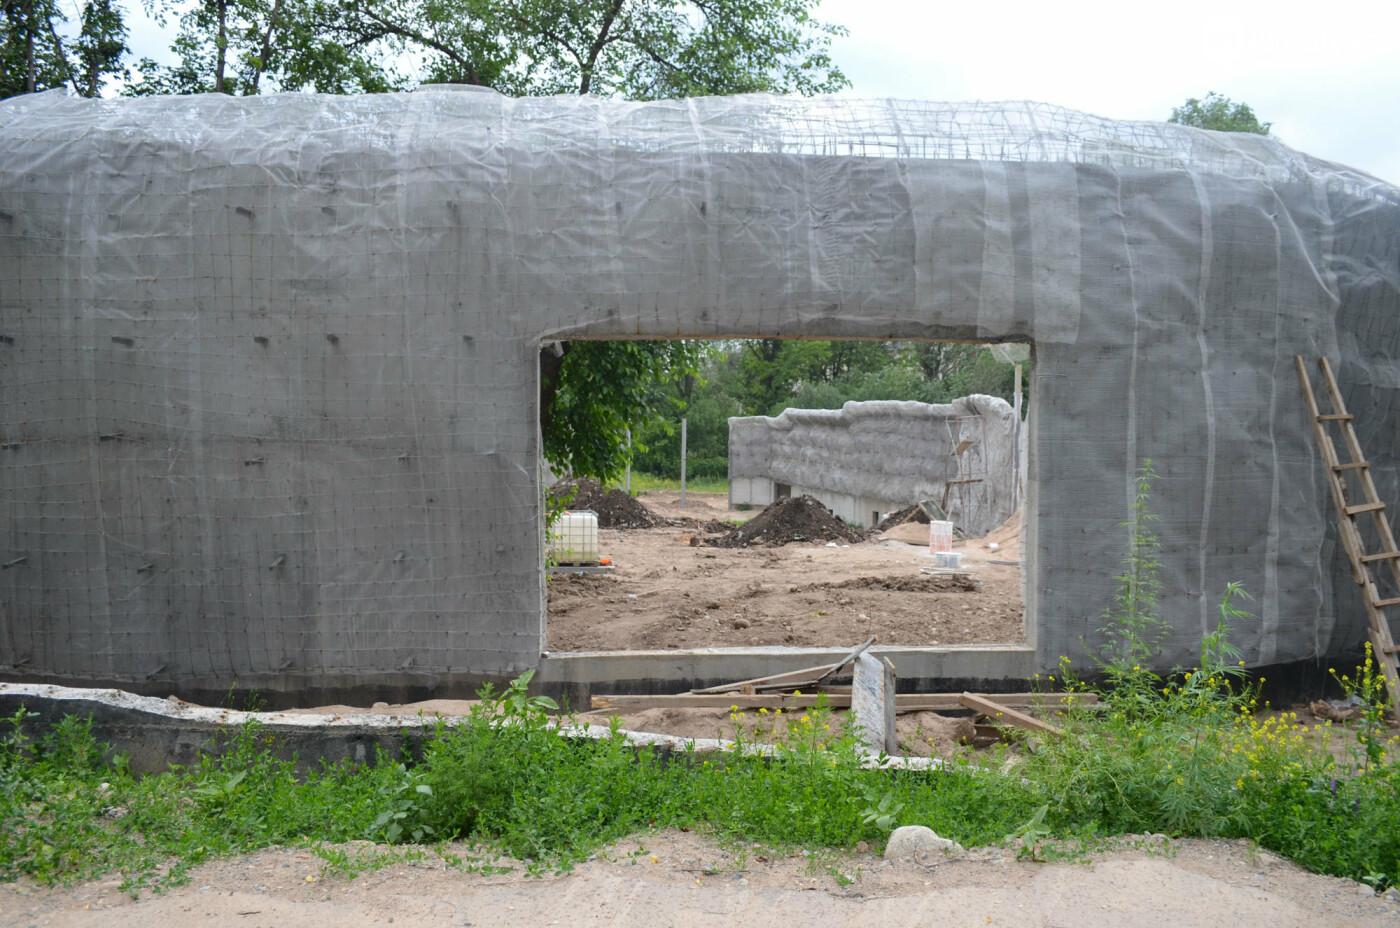 Барсы могут появиться здесь осенью: интервью нового директора Алматинского зоопарка, фото-7